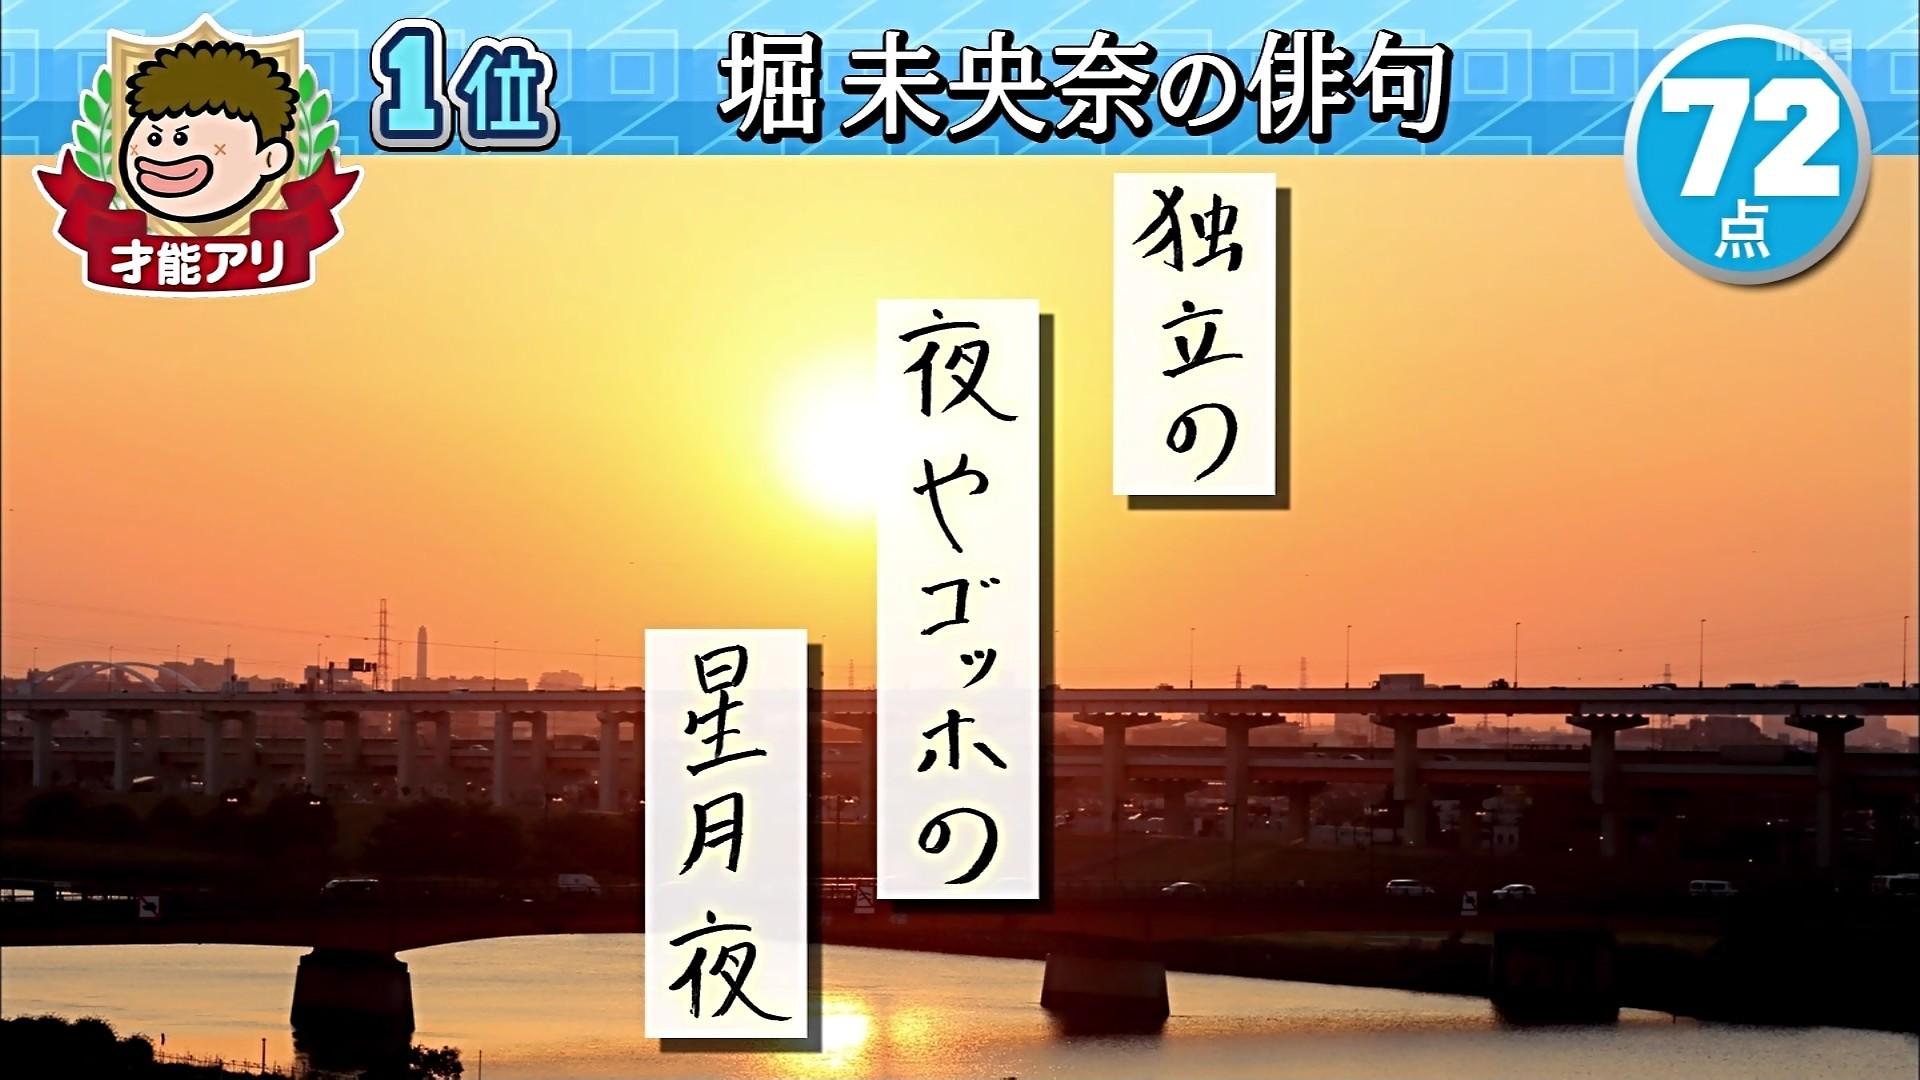 プレバト 堀未央奈 俳句4